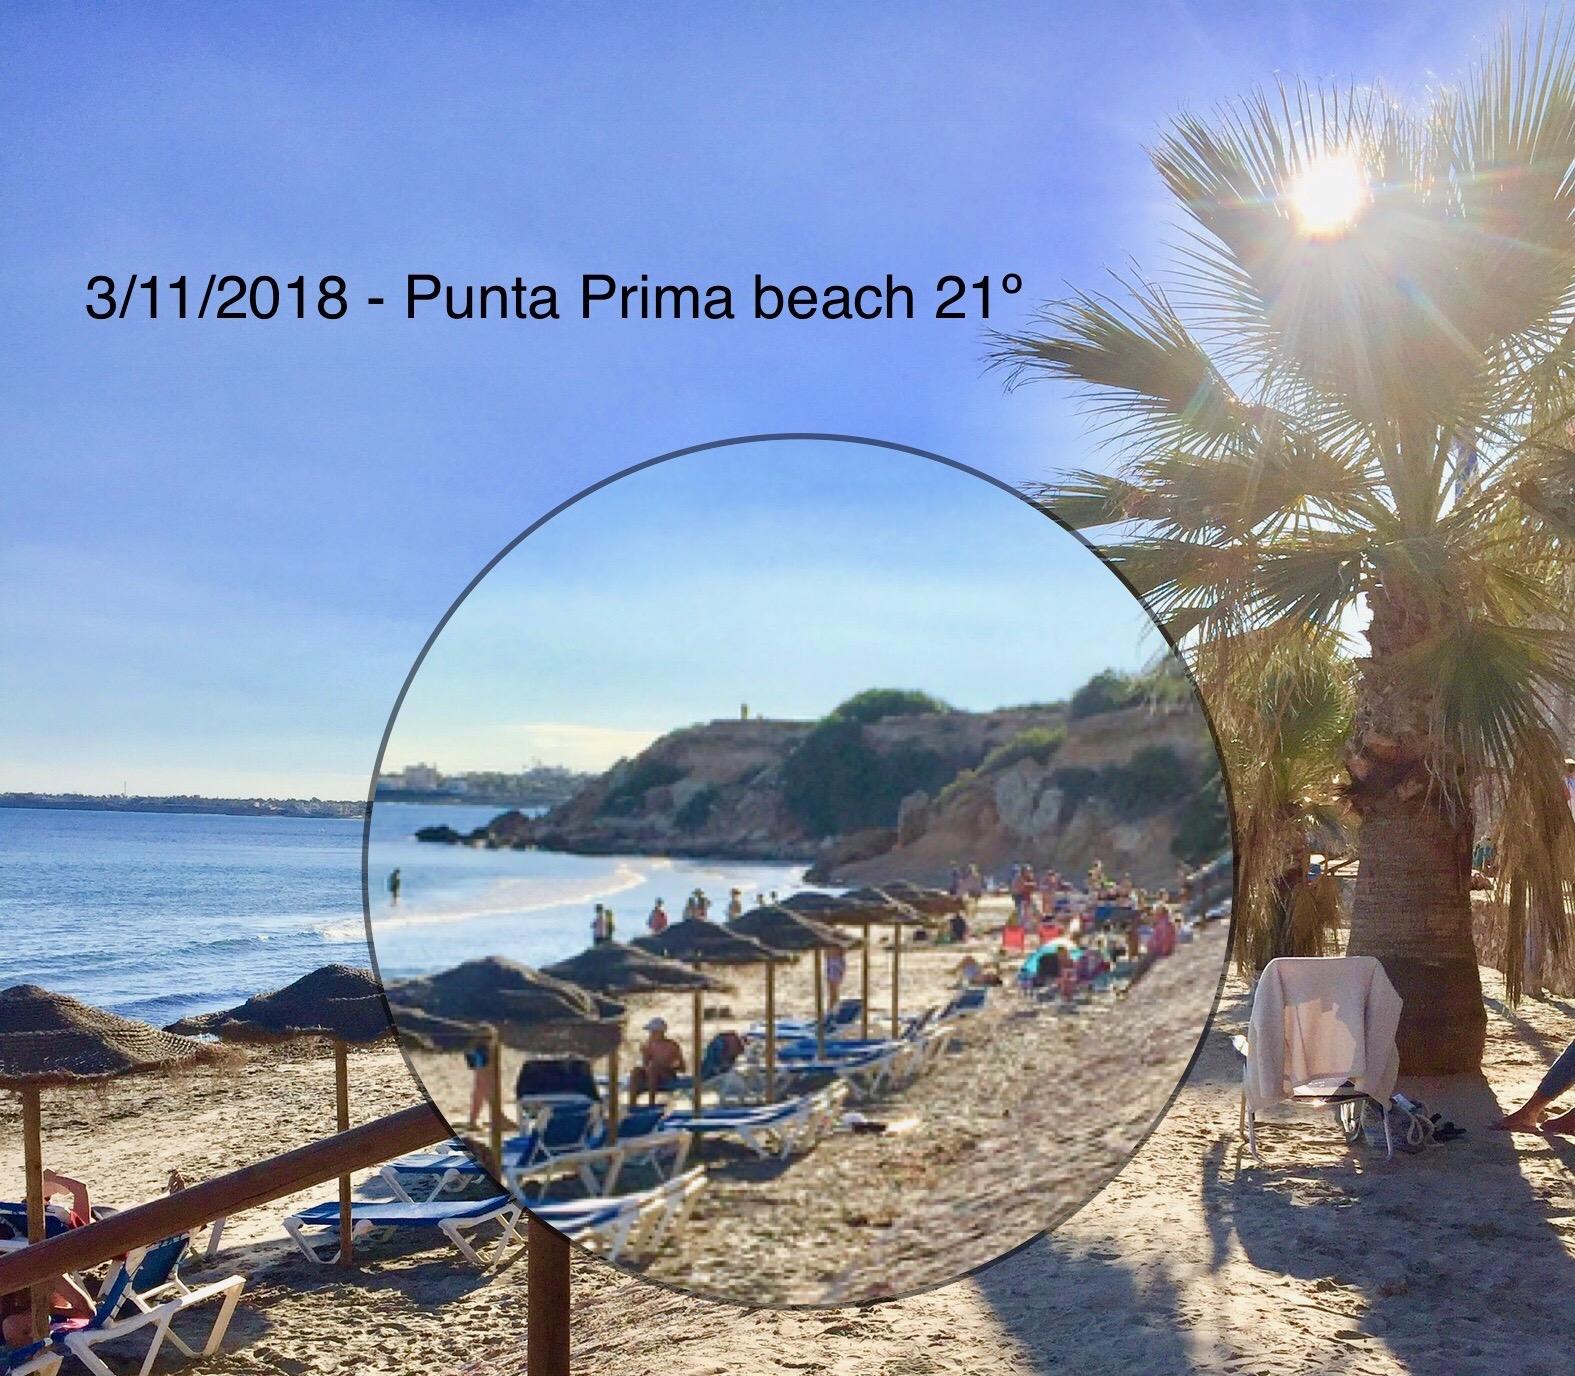 Strand Punta Prima november 2018